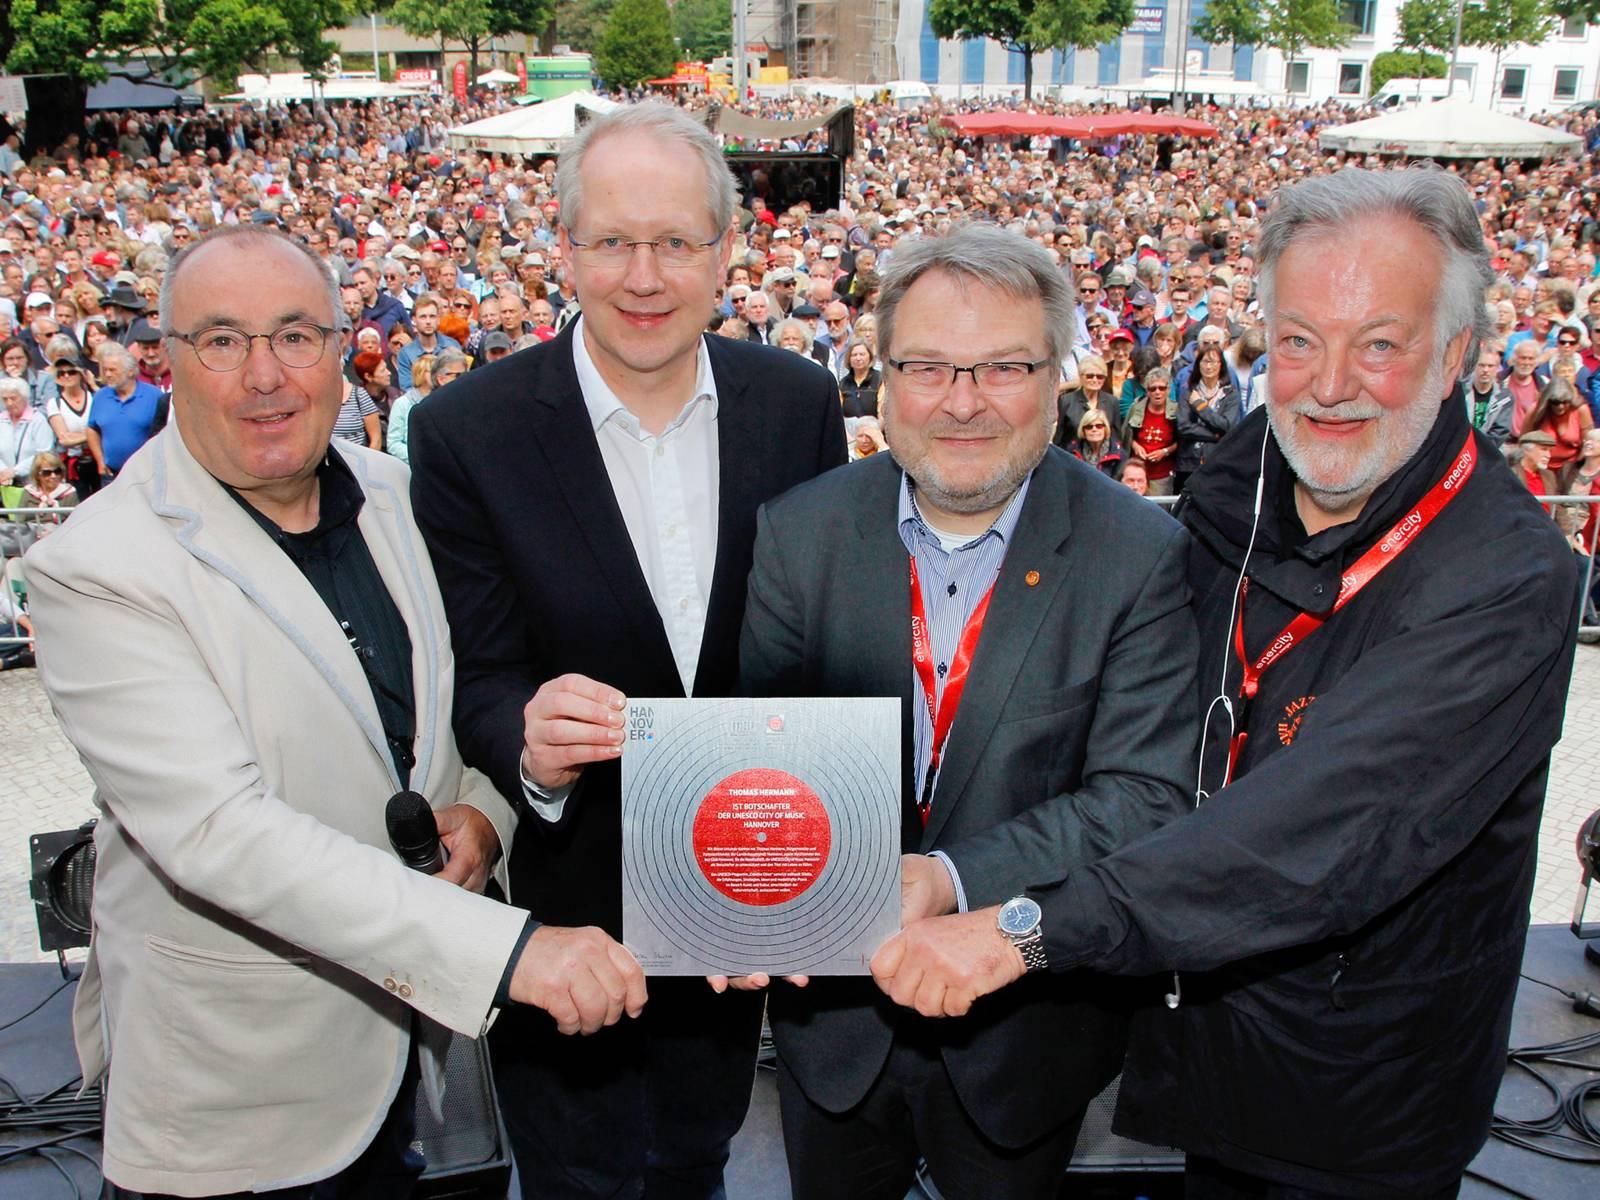 Lothar Krist, Stefan Schostok, Thomas Hermann und Uwe Thedsen